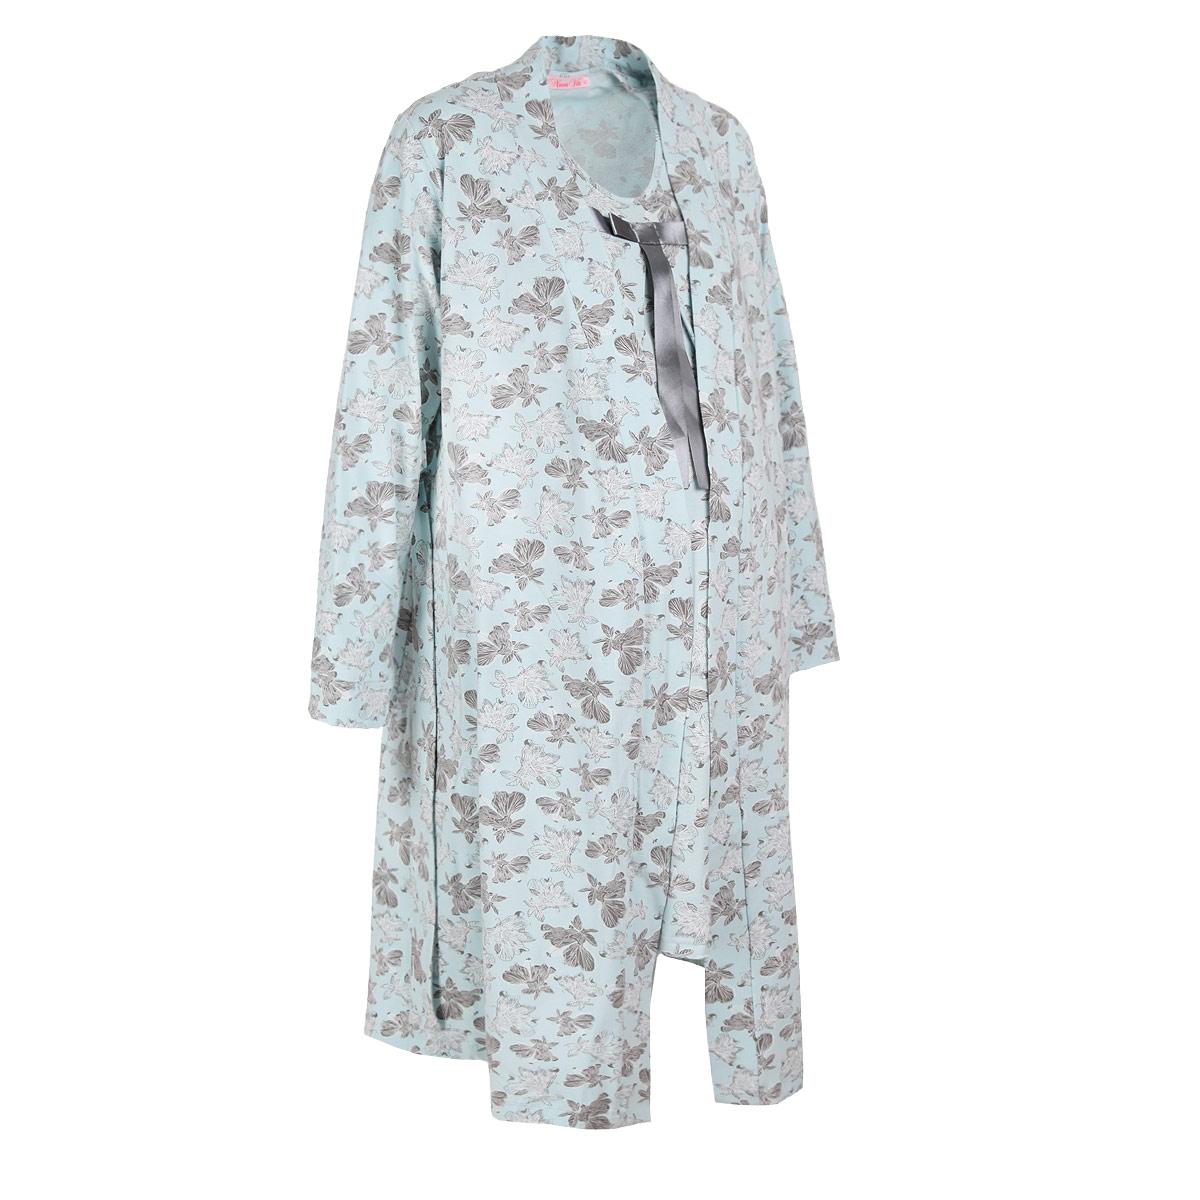 Домашний комплект316.2Элегантный комплект для беременных и кормящих Nuova Vita Mamma Bella Лилии, состоящий из халата и сорочки, замечательно подходит для сна и отдыха. Красивая женственная расцветка сочетается с удобством и комфортом. Комплект выполнен из эластичного хлопка, он мягкий и приятный к телу, не раздражает нежную и чувствительную кожу, позволяет ей дышать. Халат с запахом, длинными рукавами и высоко расположенным поясом фиксируется при помощи атласных ленточек, а сверху - поясом в тон изделия. Свободные шлевки позволят завязать пояс на удобной высоте, под грудью во время беременности или на талии после. Удобство халата состоит в доступности к груди, ширине рукавных пройм, а также наличии вместительных карманов для всего необходимого. Сорочка свободного кроя без рукавов с округлым вырезом горловины спереди имеет складки для растущего животика. В складках спрятаны специальные прорези для кормления. Декорировано изделие на груди атласной лентой и бантиком. Свободный покрой...